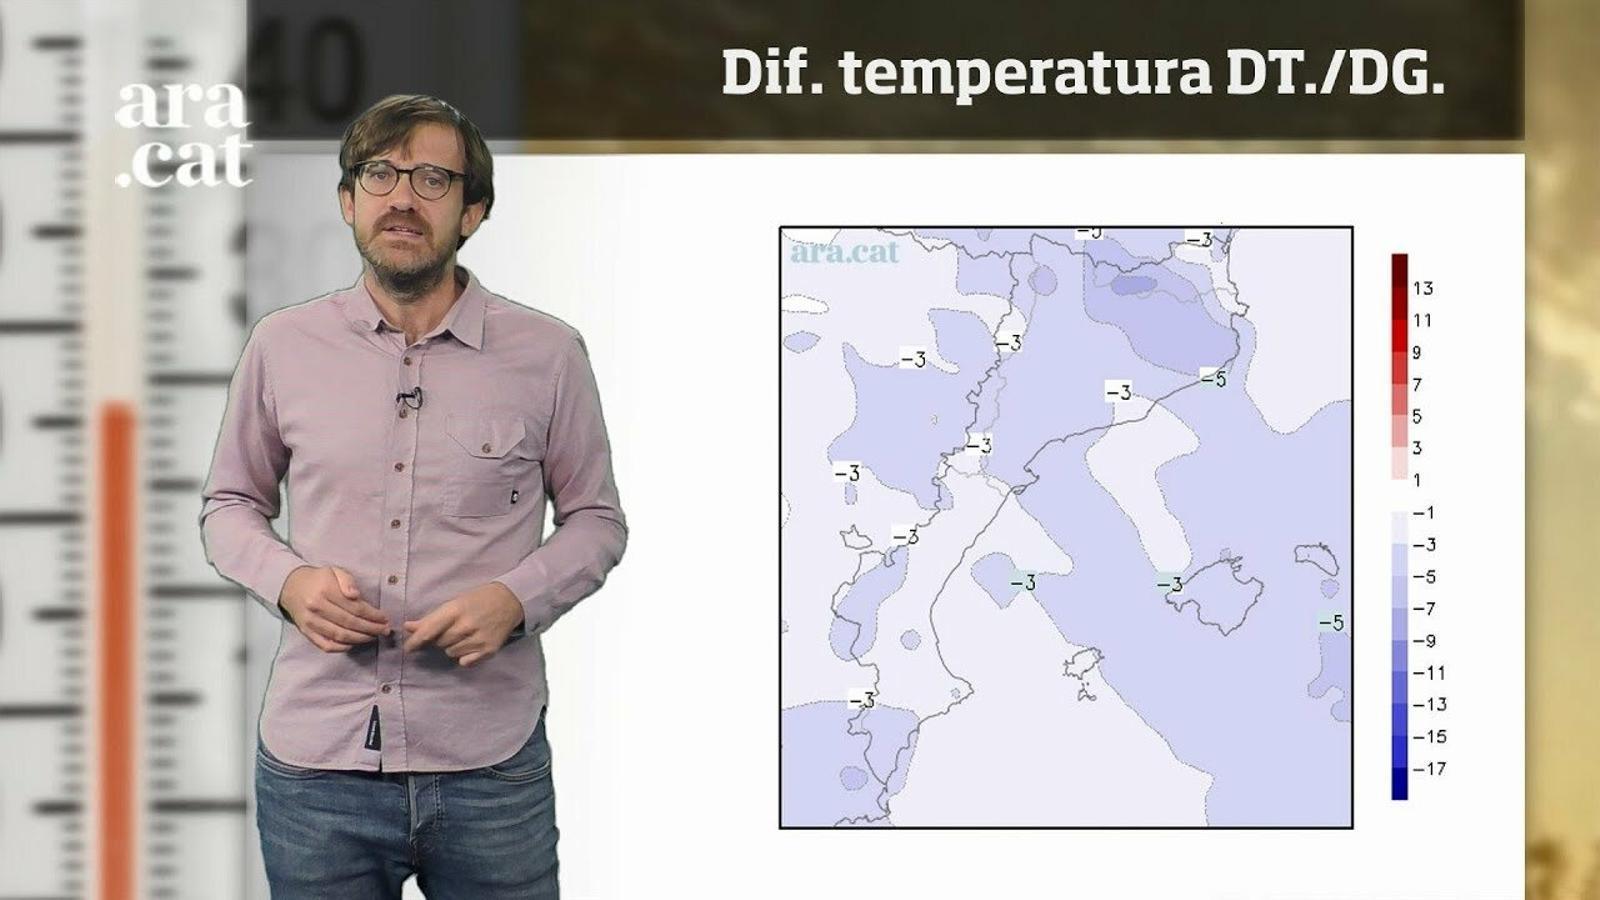 Méteo especial: arriben el fred, més ventades i una nevada important